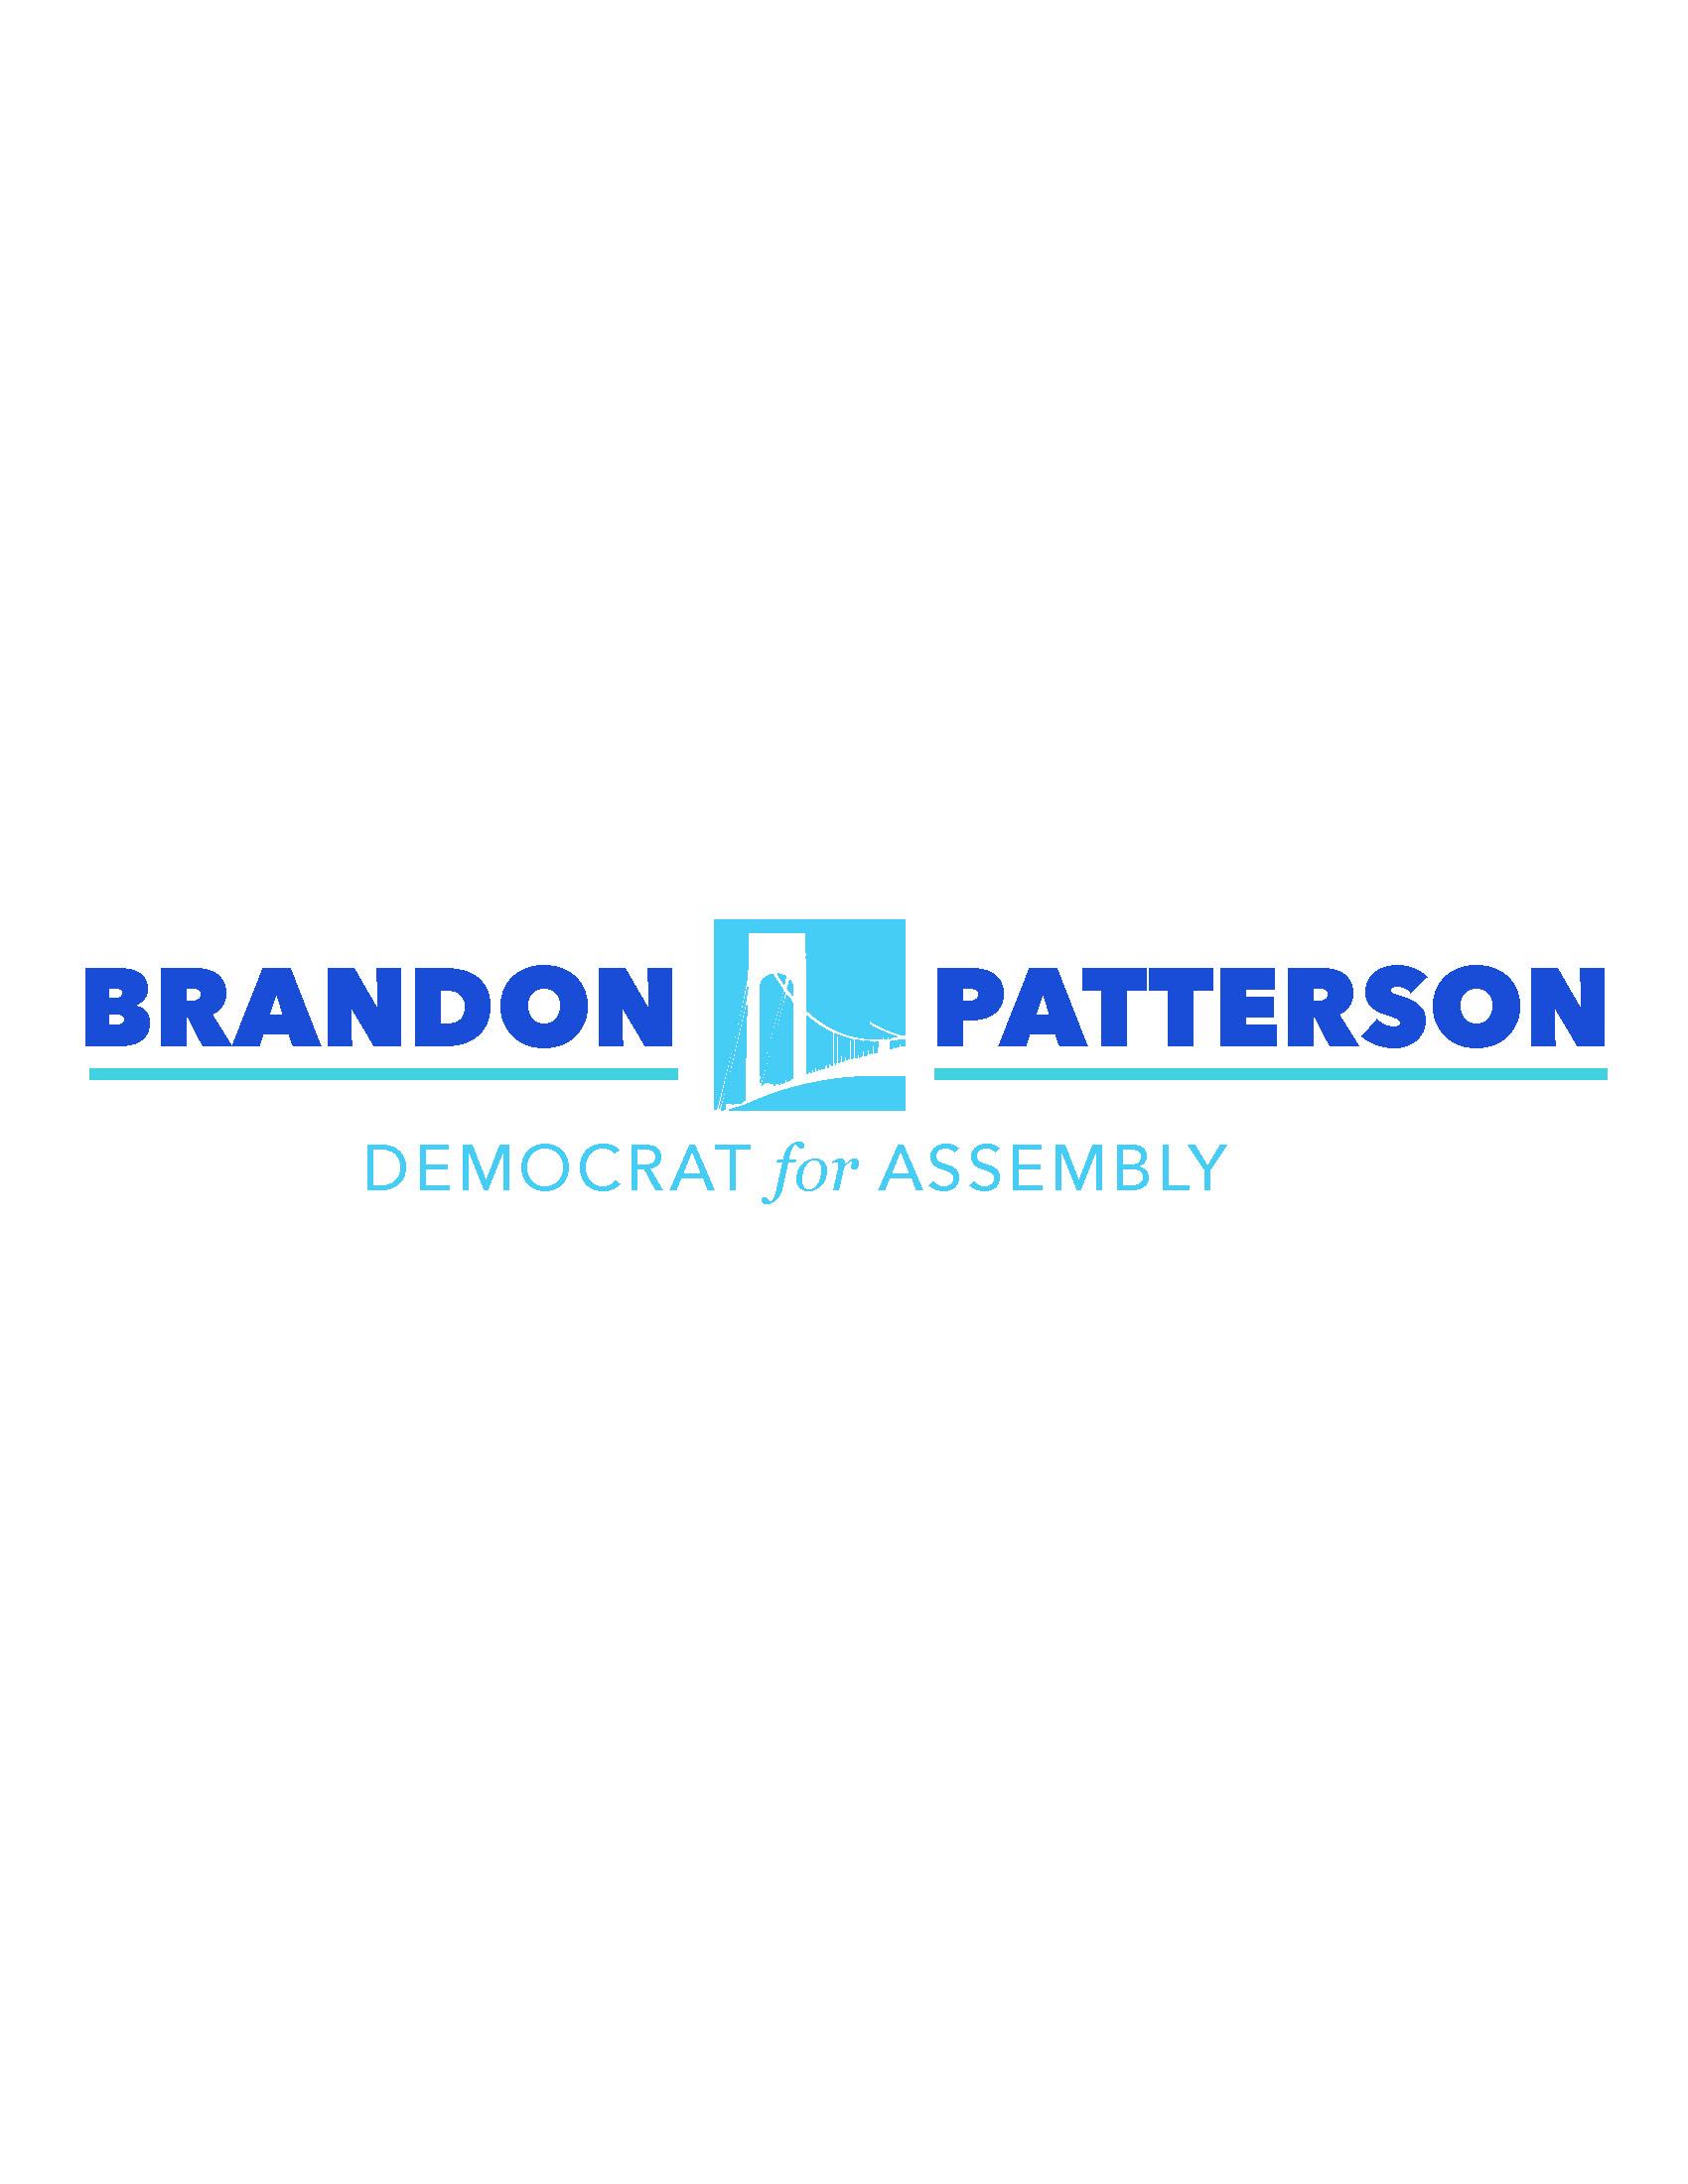 Brandon Patterson